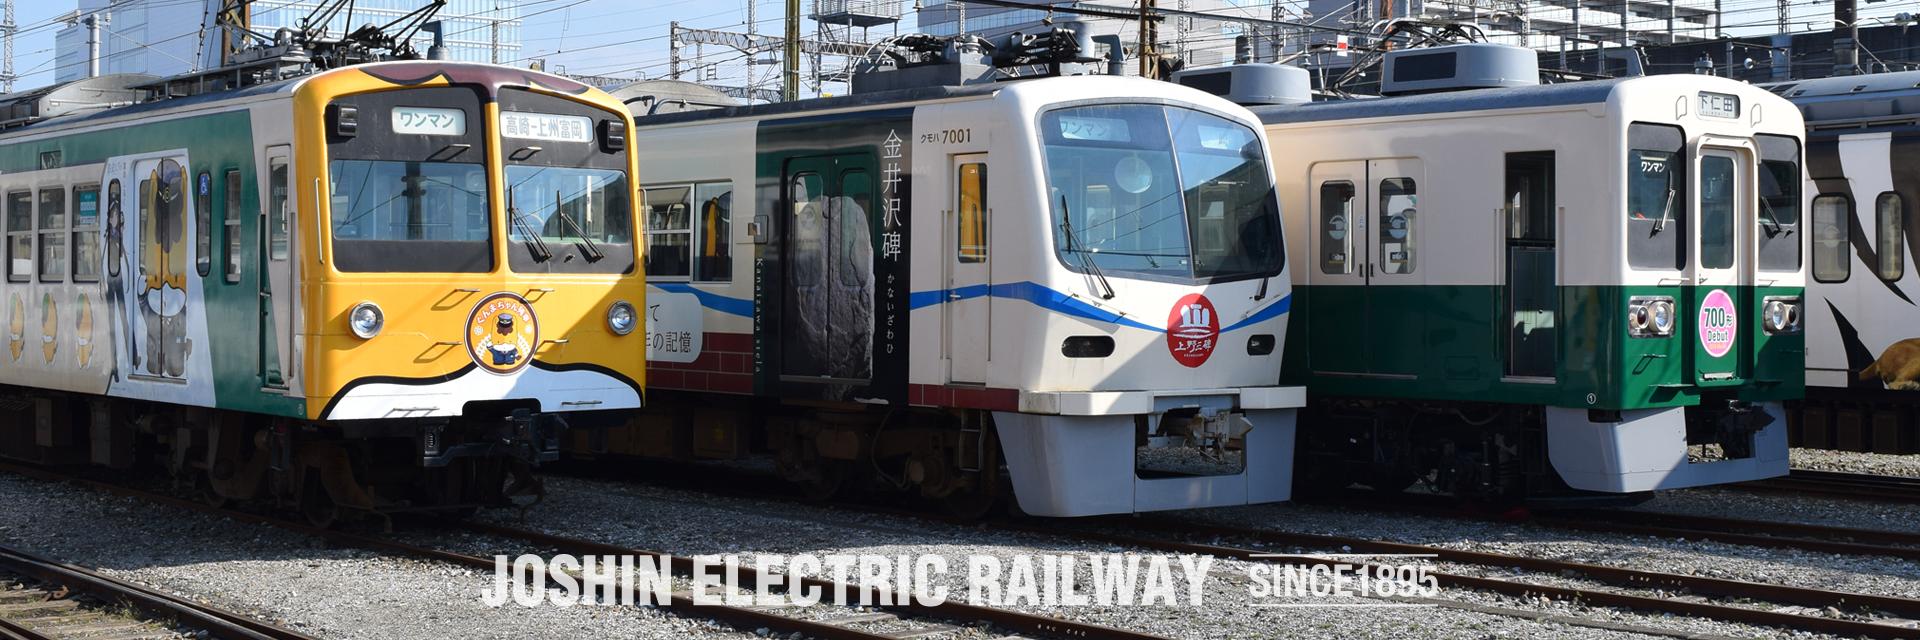 上州電鉄 車両